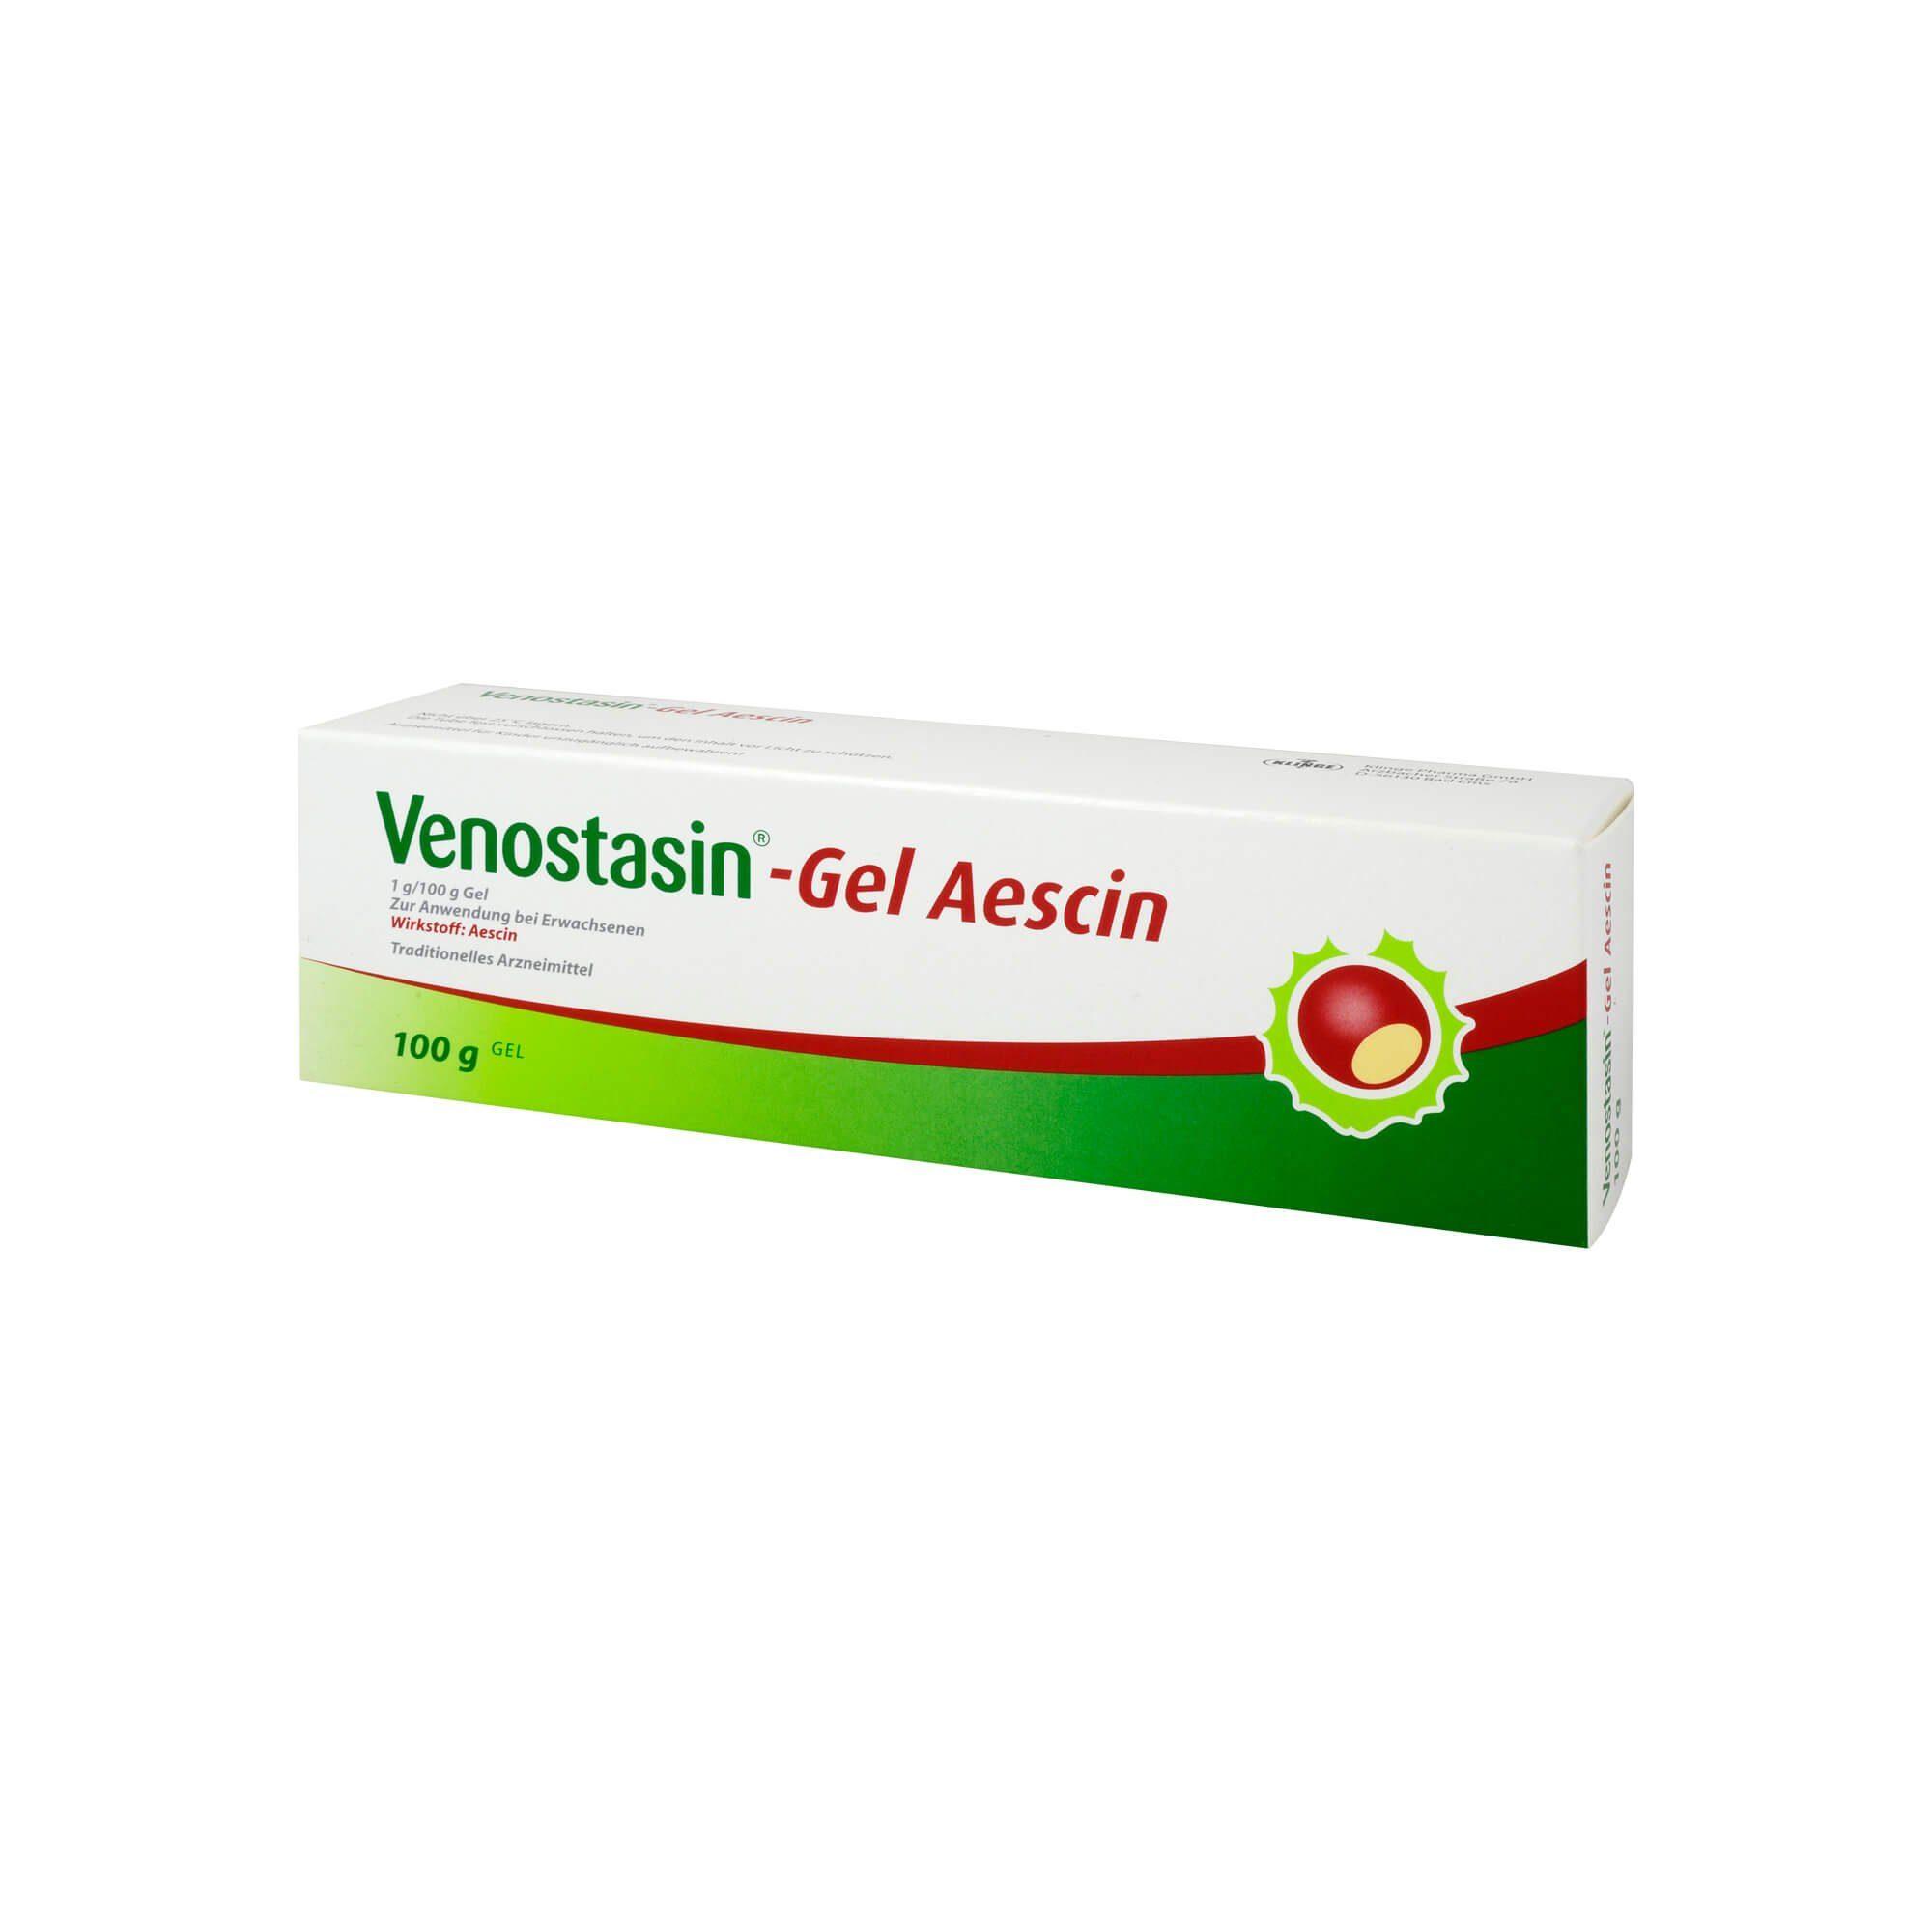 Venostasin Gel Aescin, 100 g